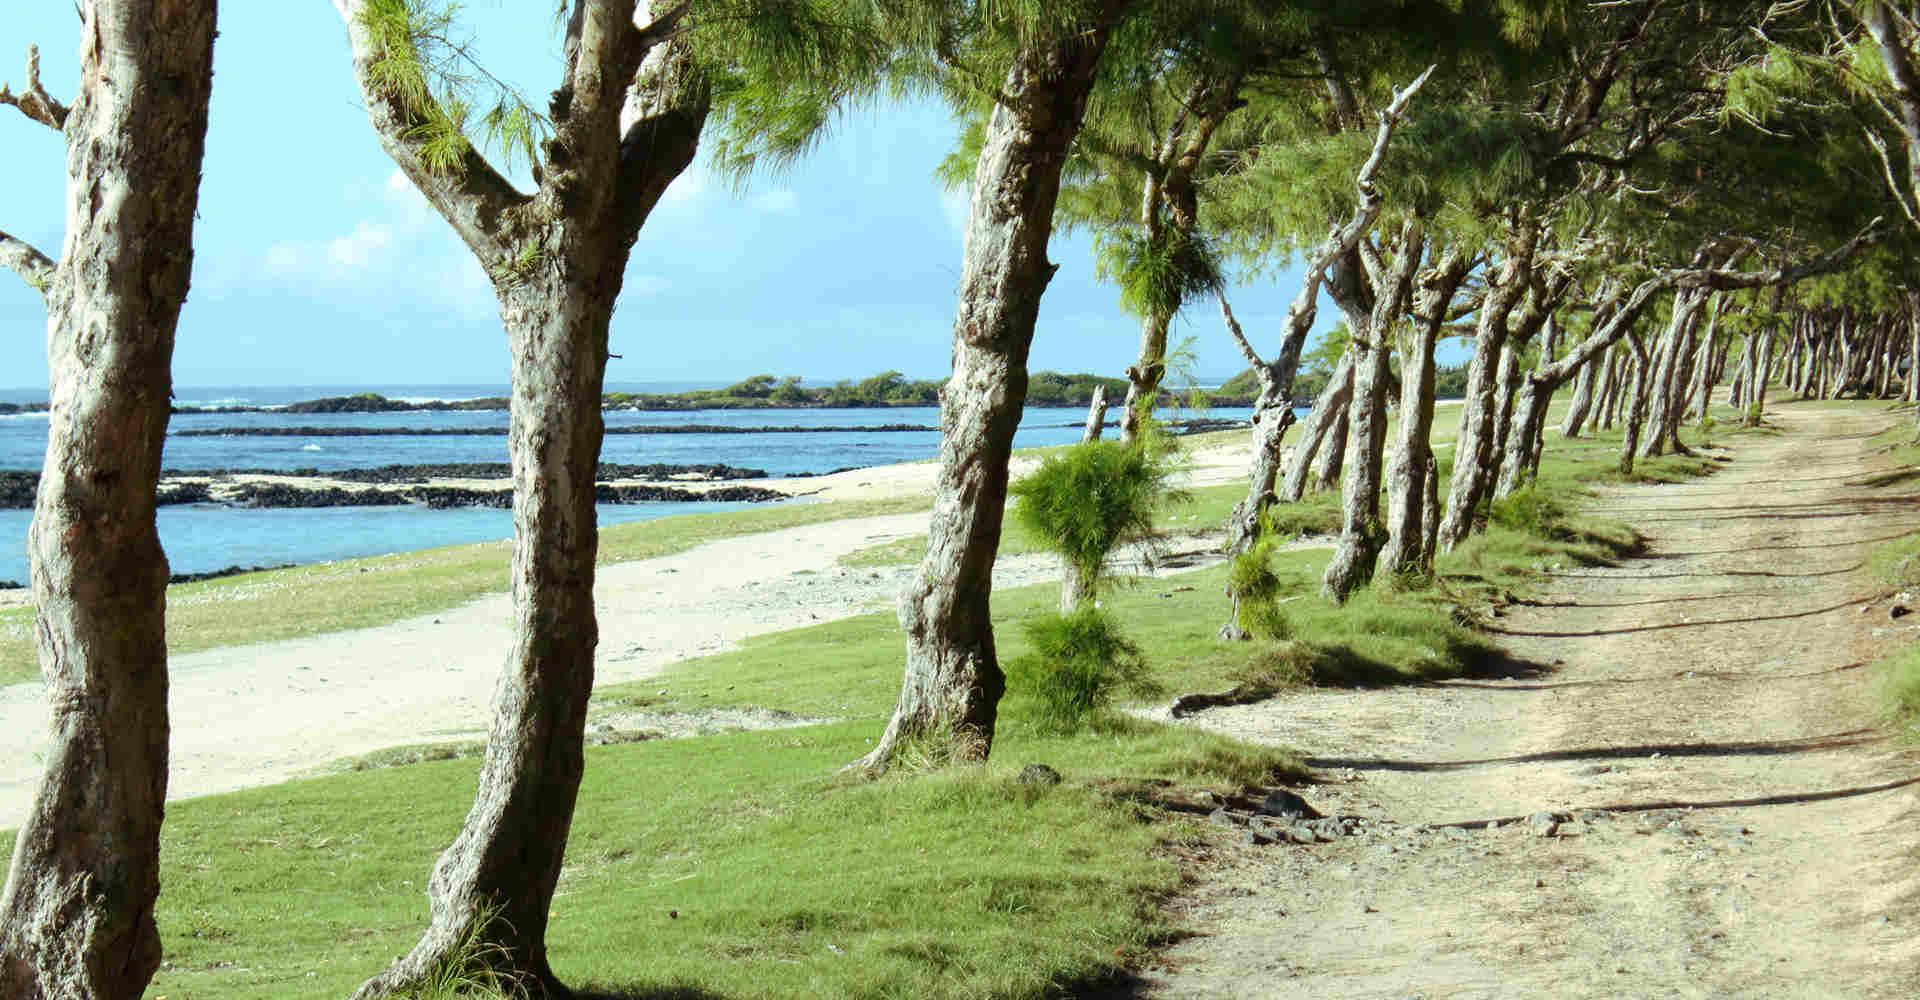 East coast of Mauritius